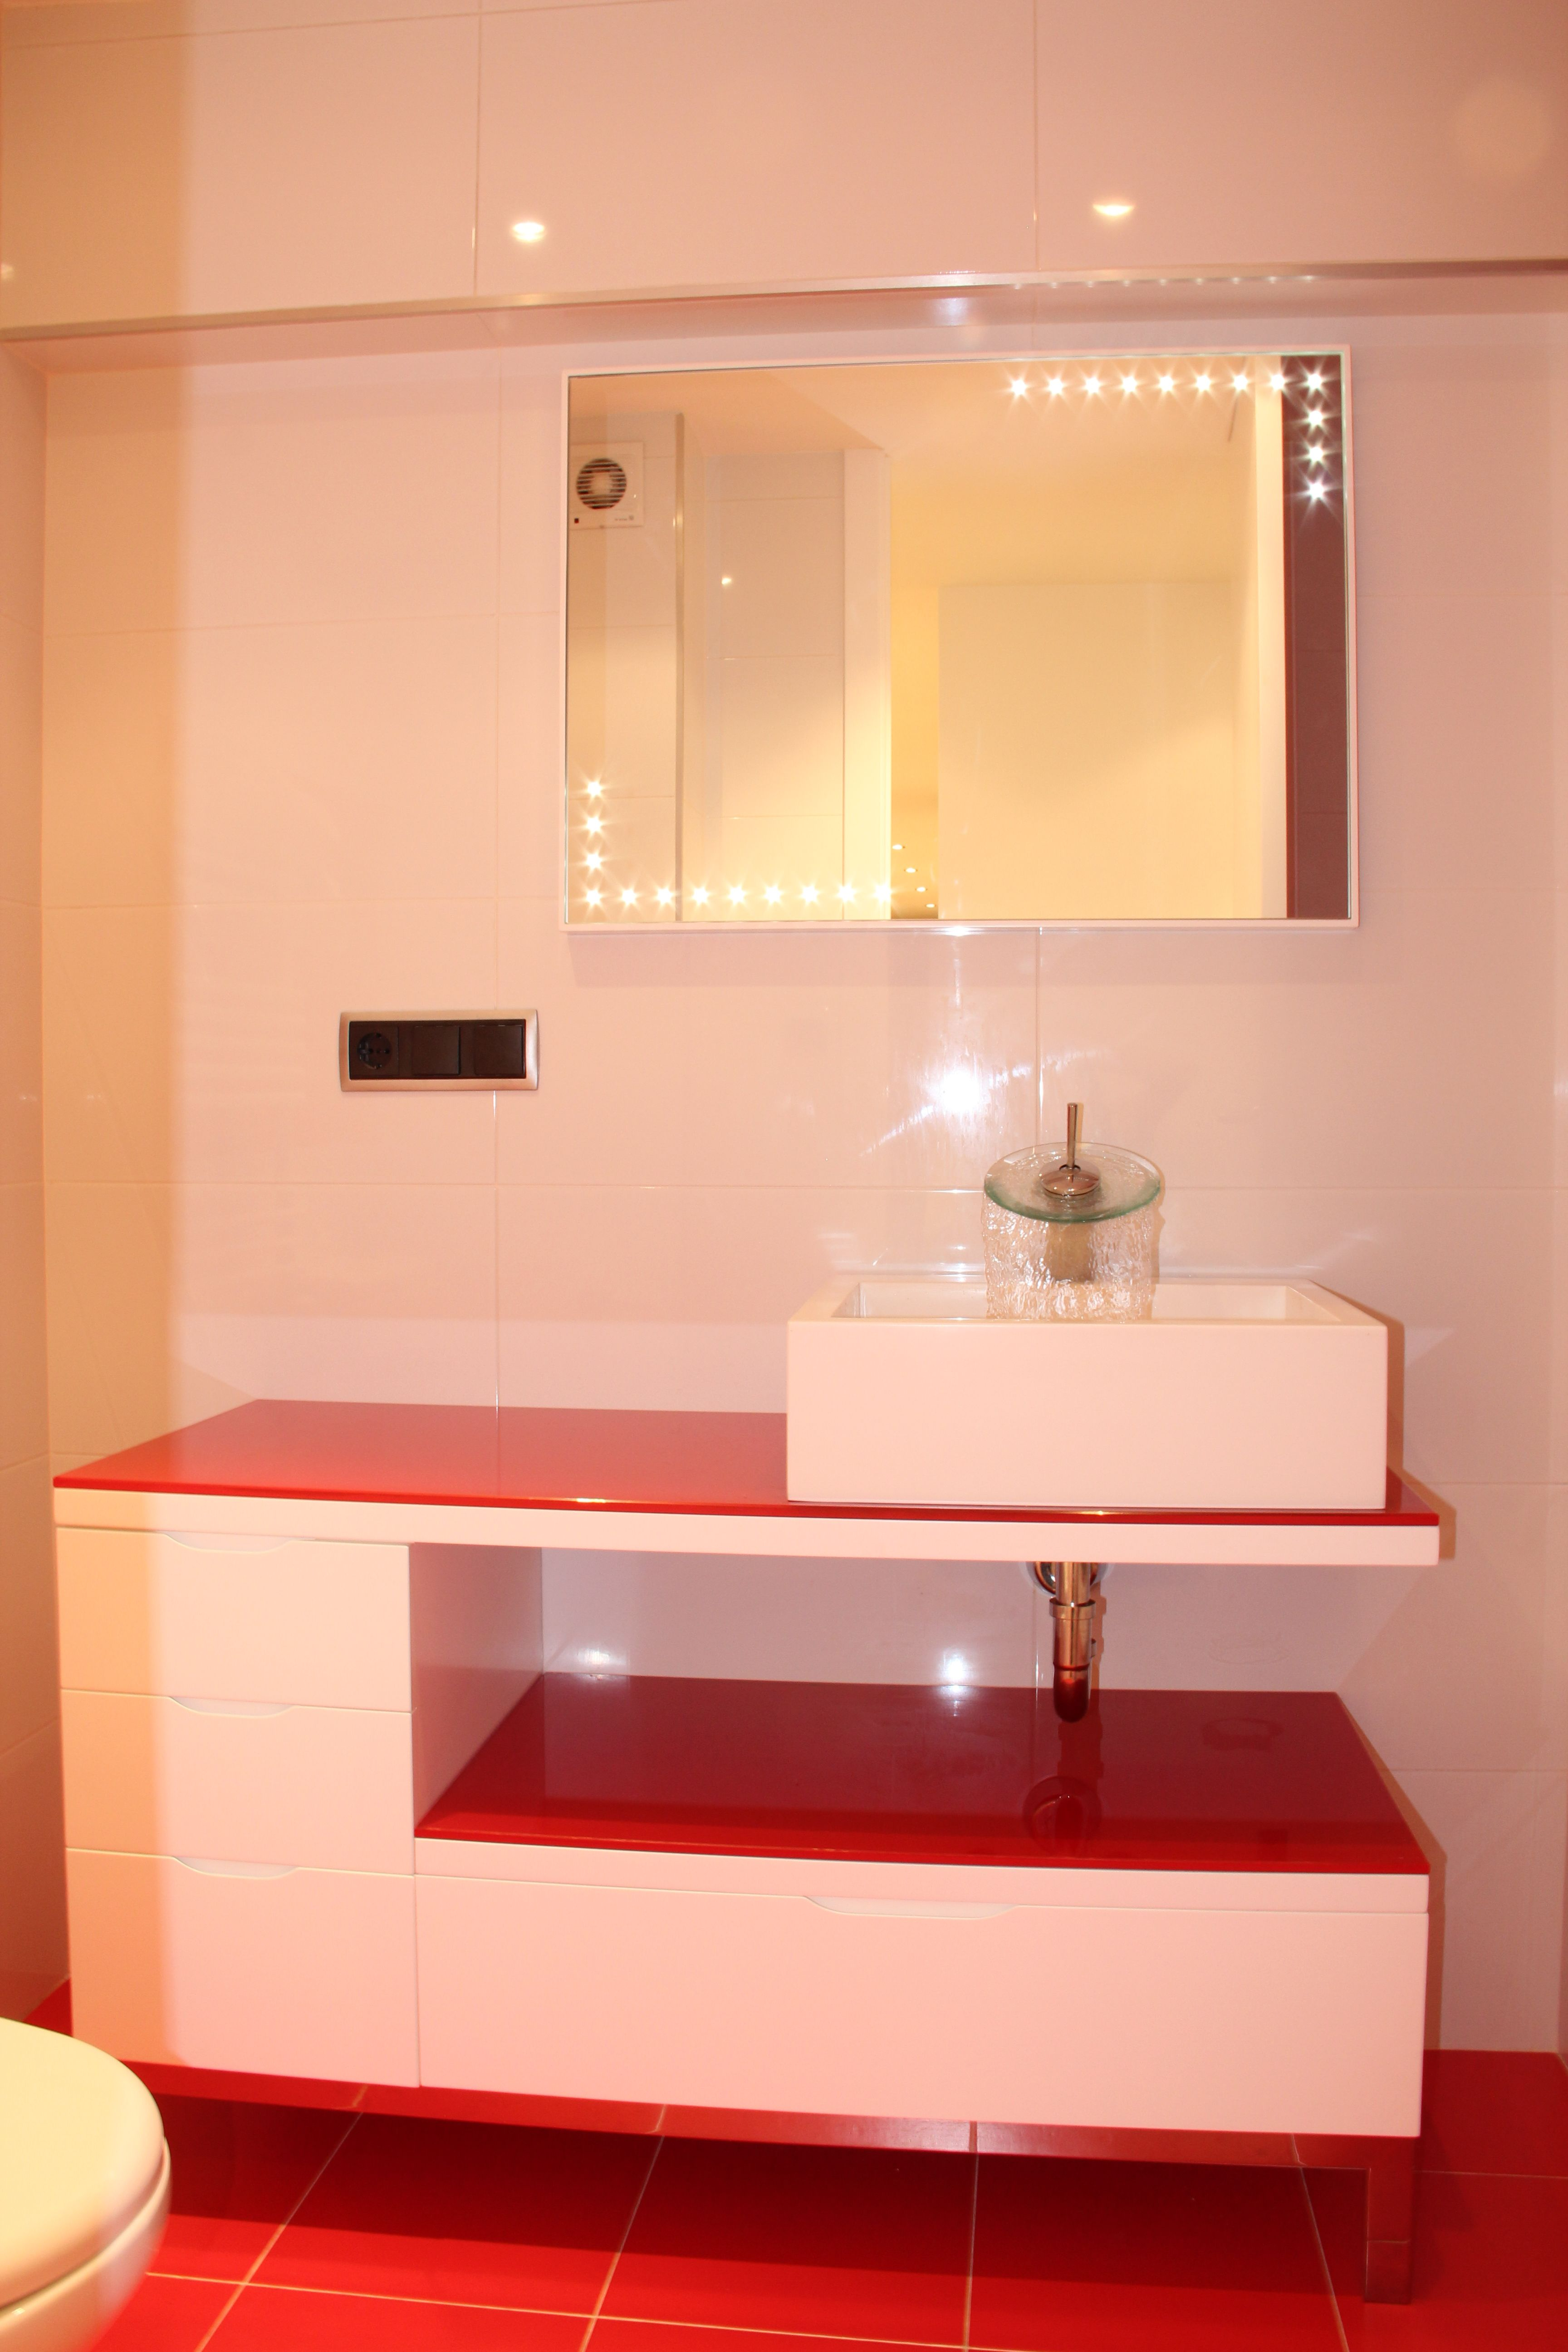 Mueble Rojo De Ba O Lacado En Blanco Muebles De Ba O  # Muebles De Bano Wc